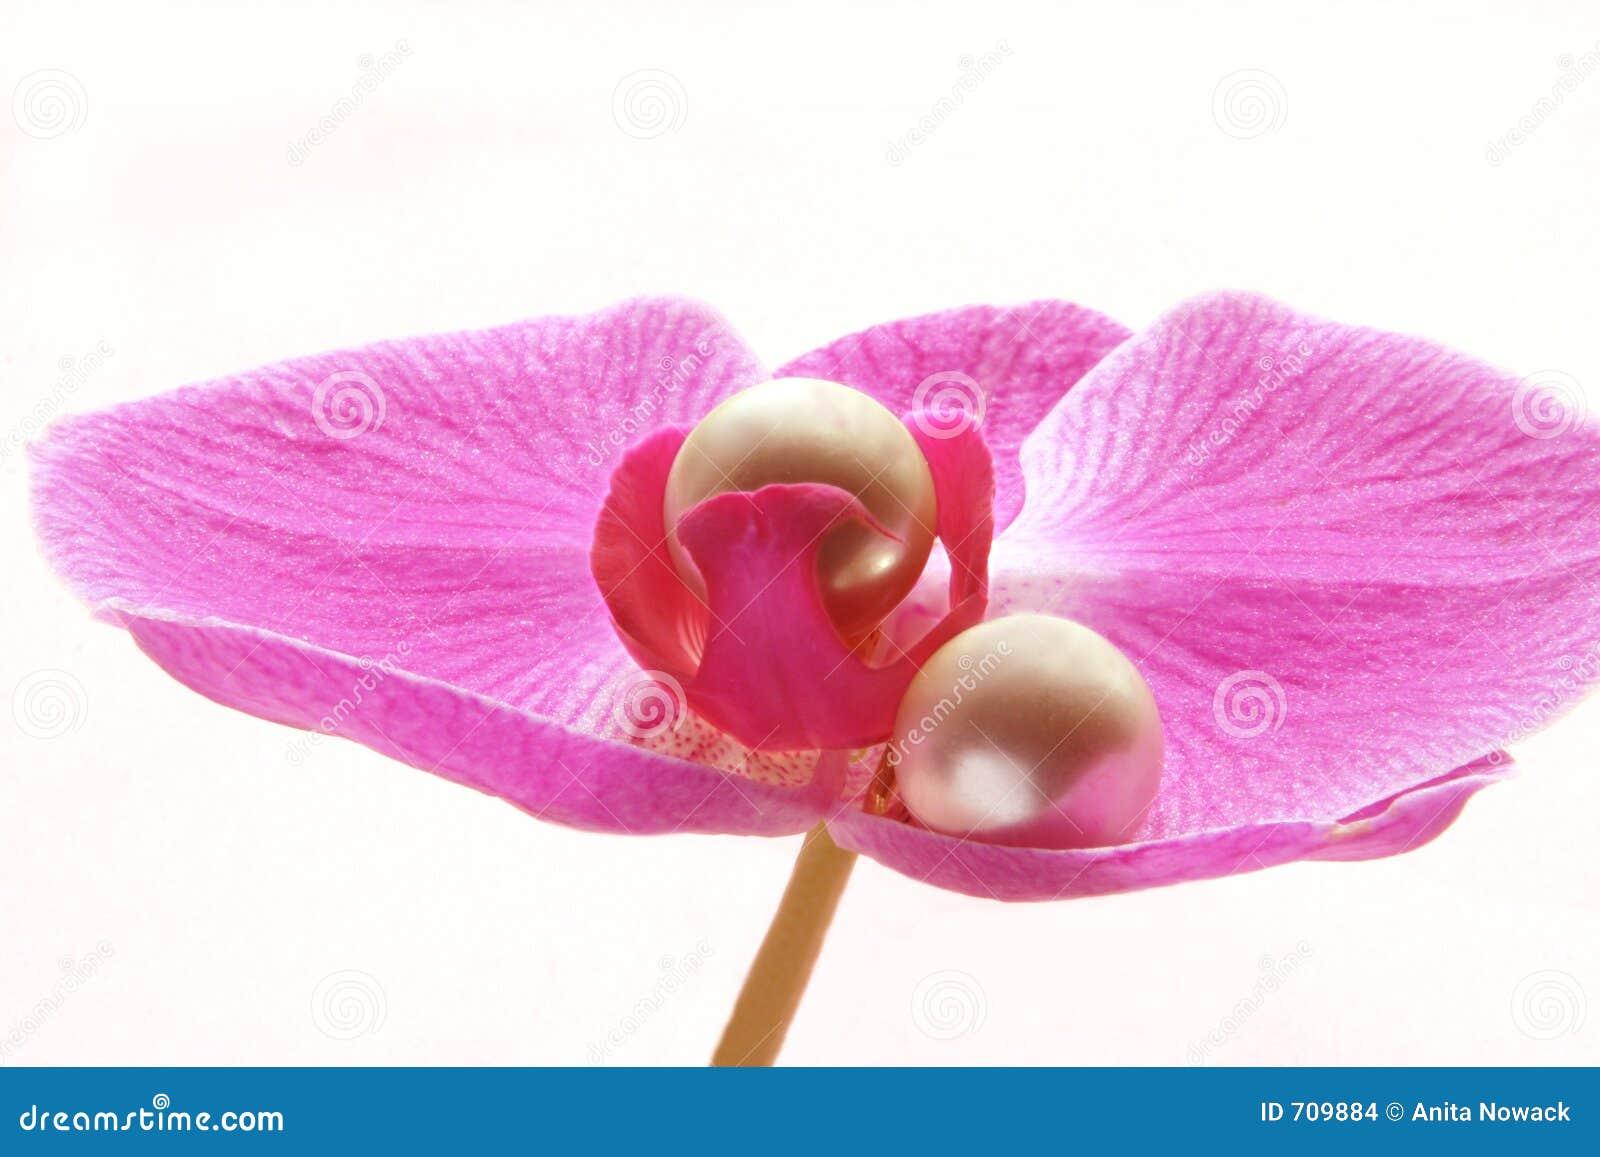 Crowned Pearls